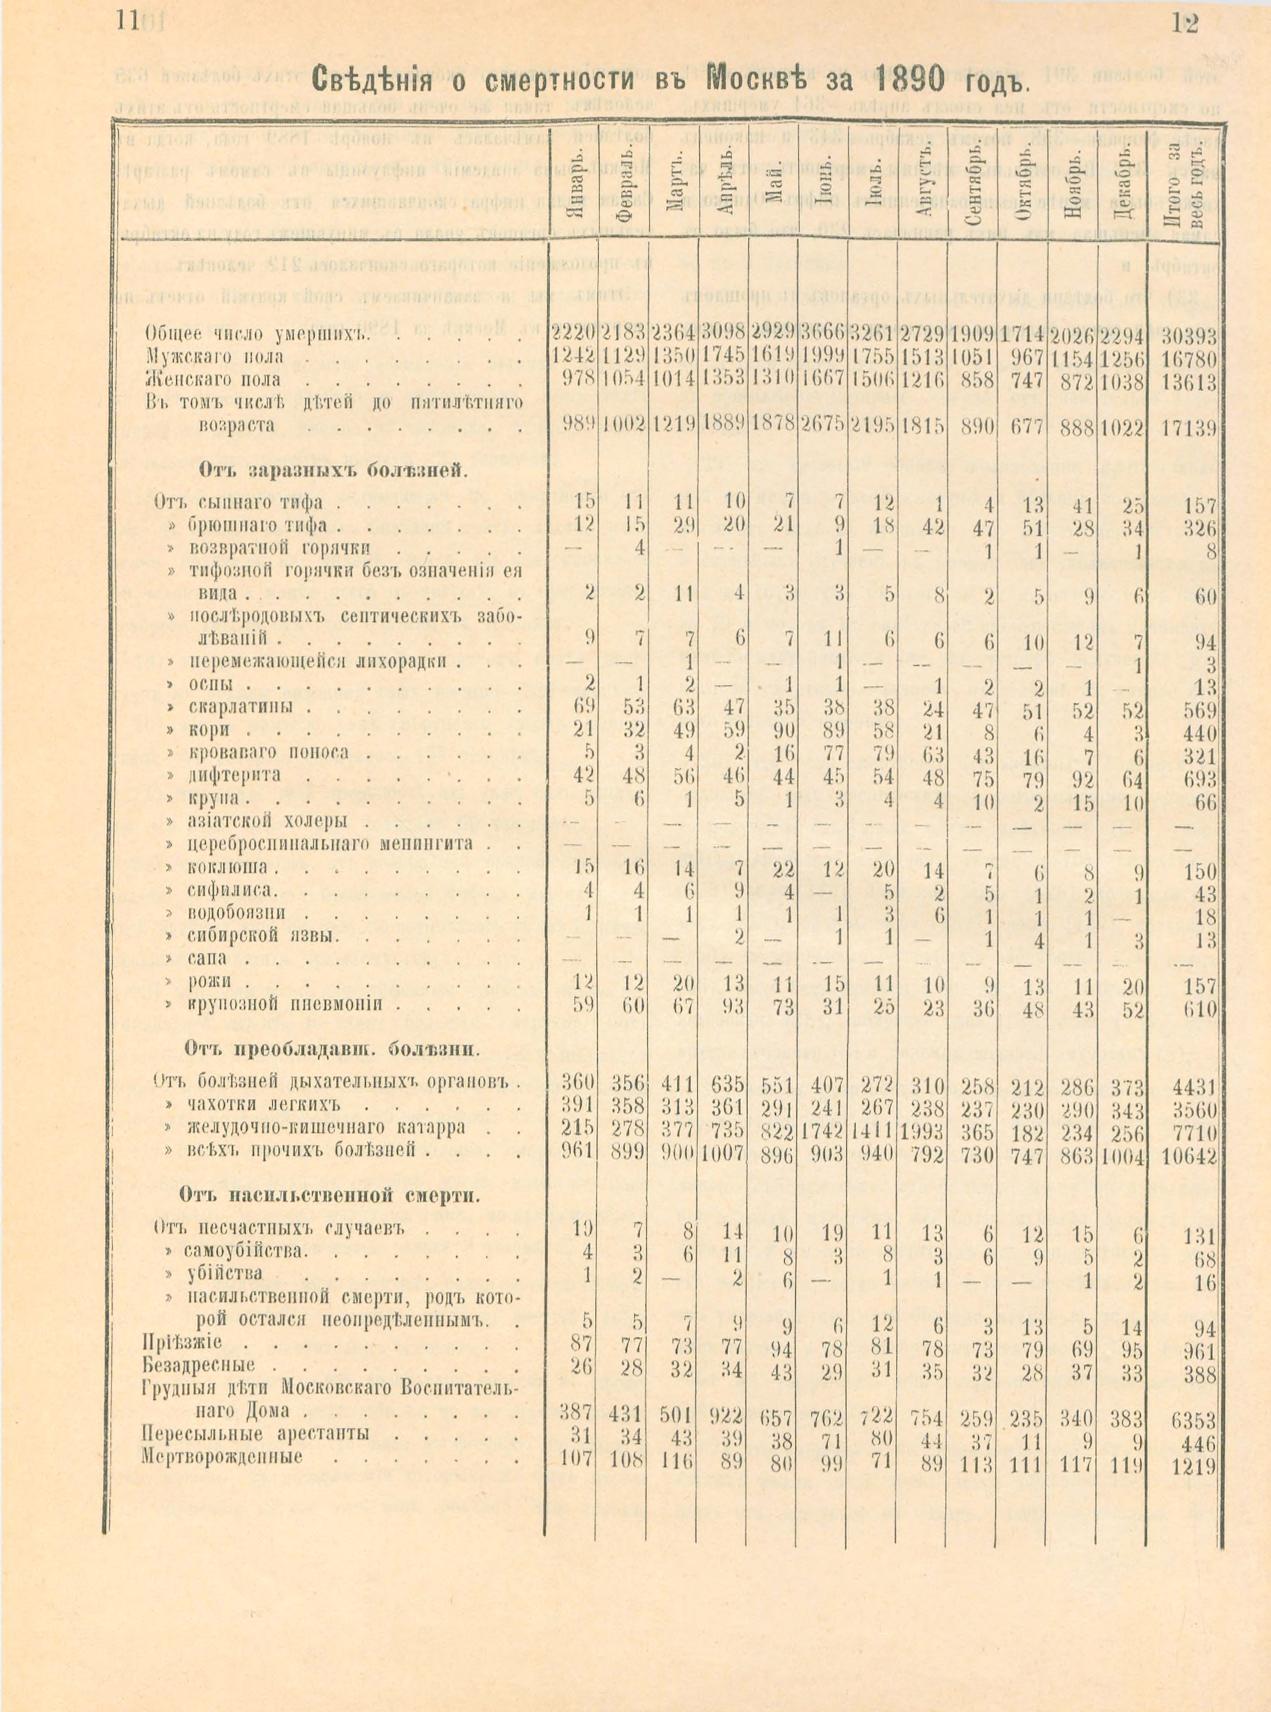 Детская смертность до 5 лет в Москве. 1890. Еще один источник.jpg